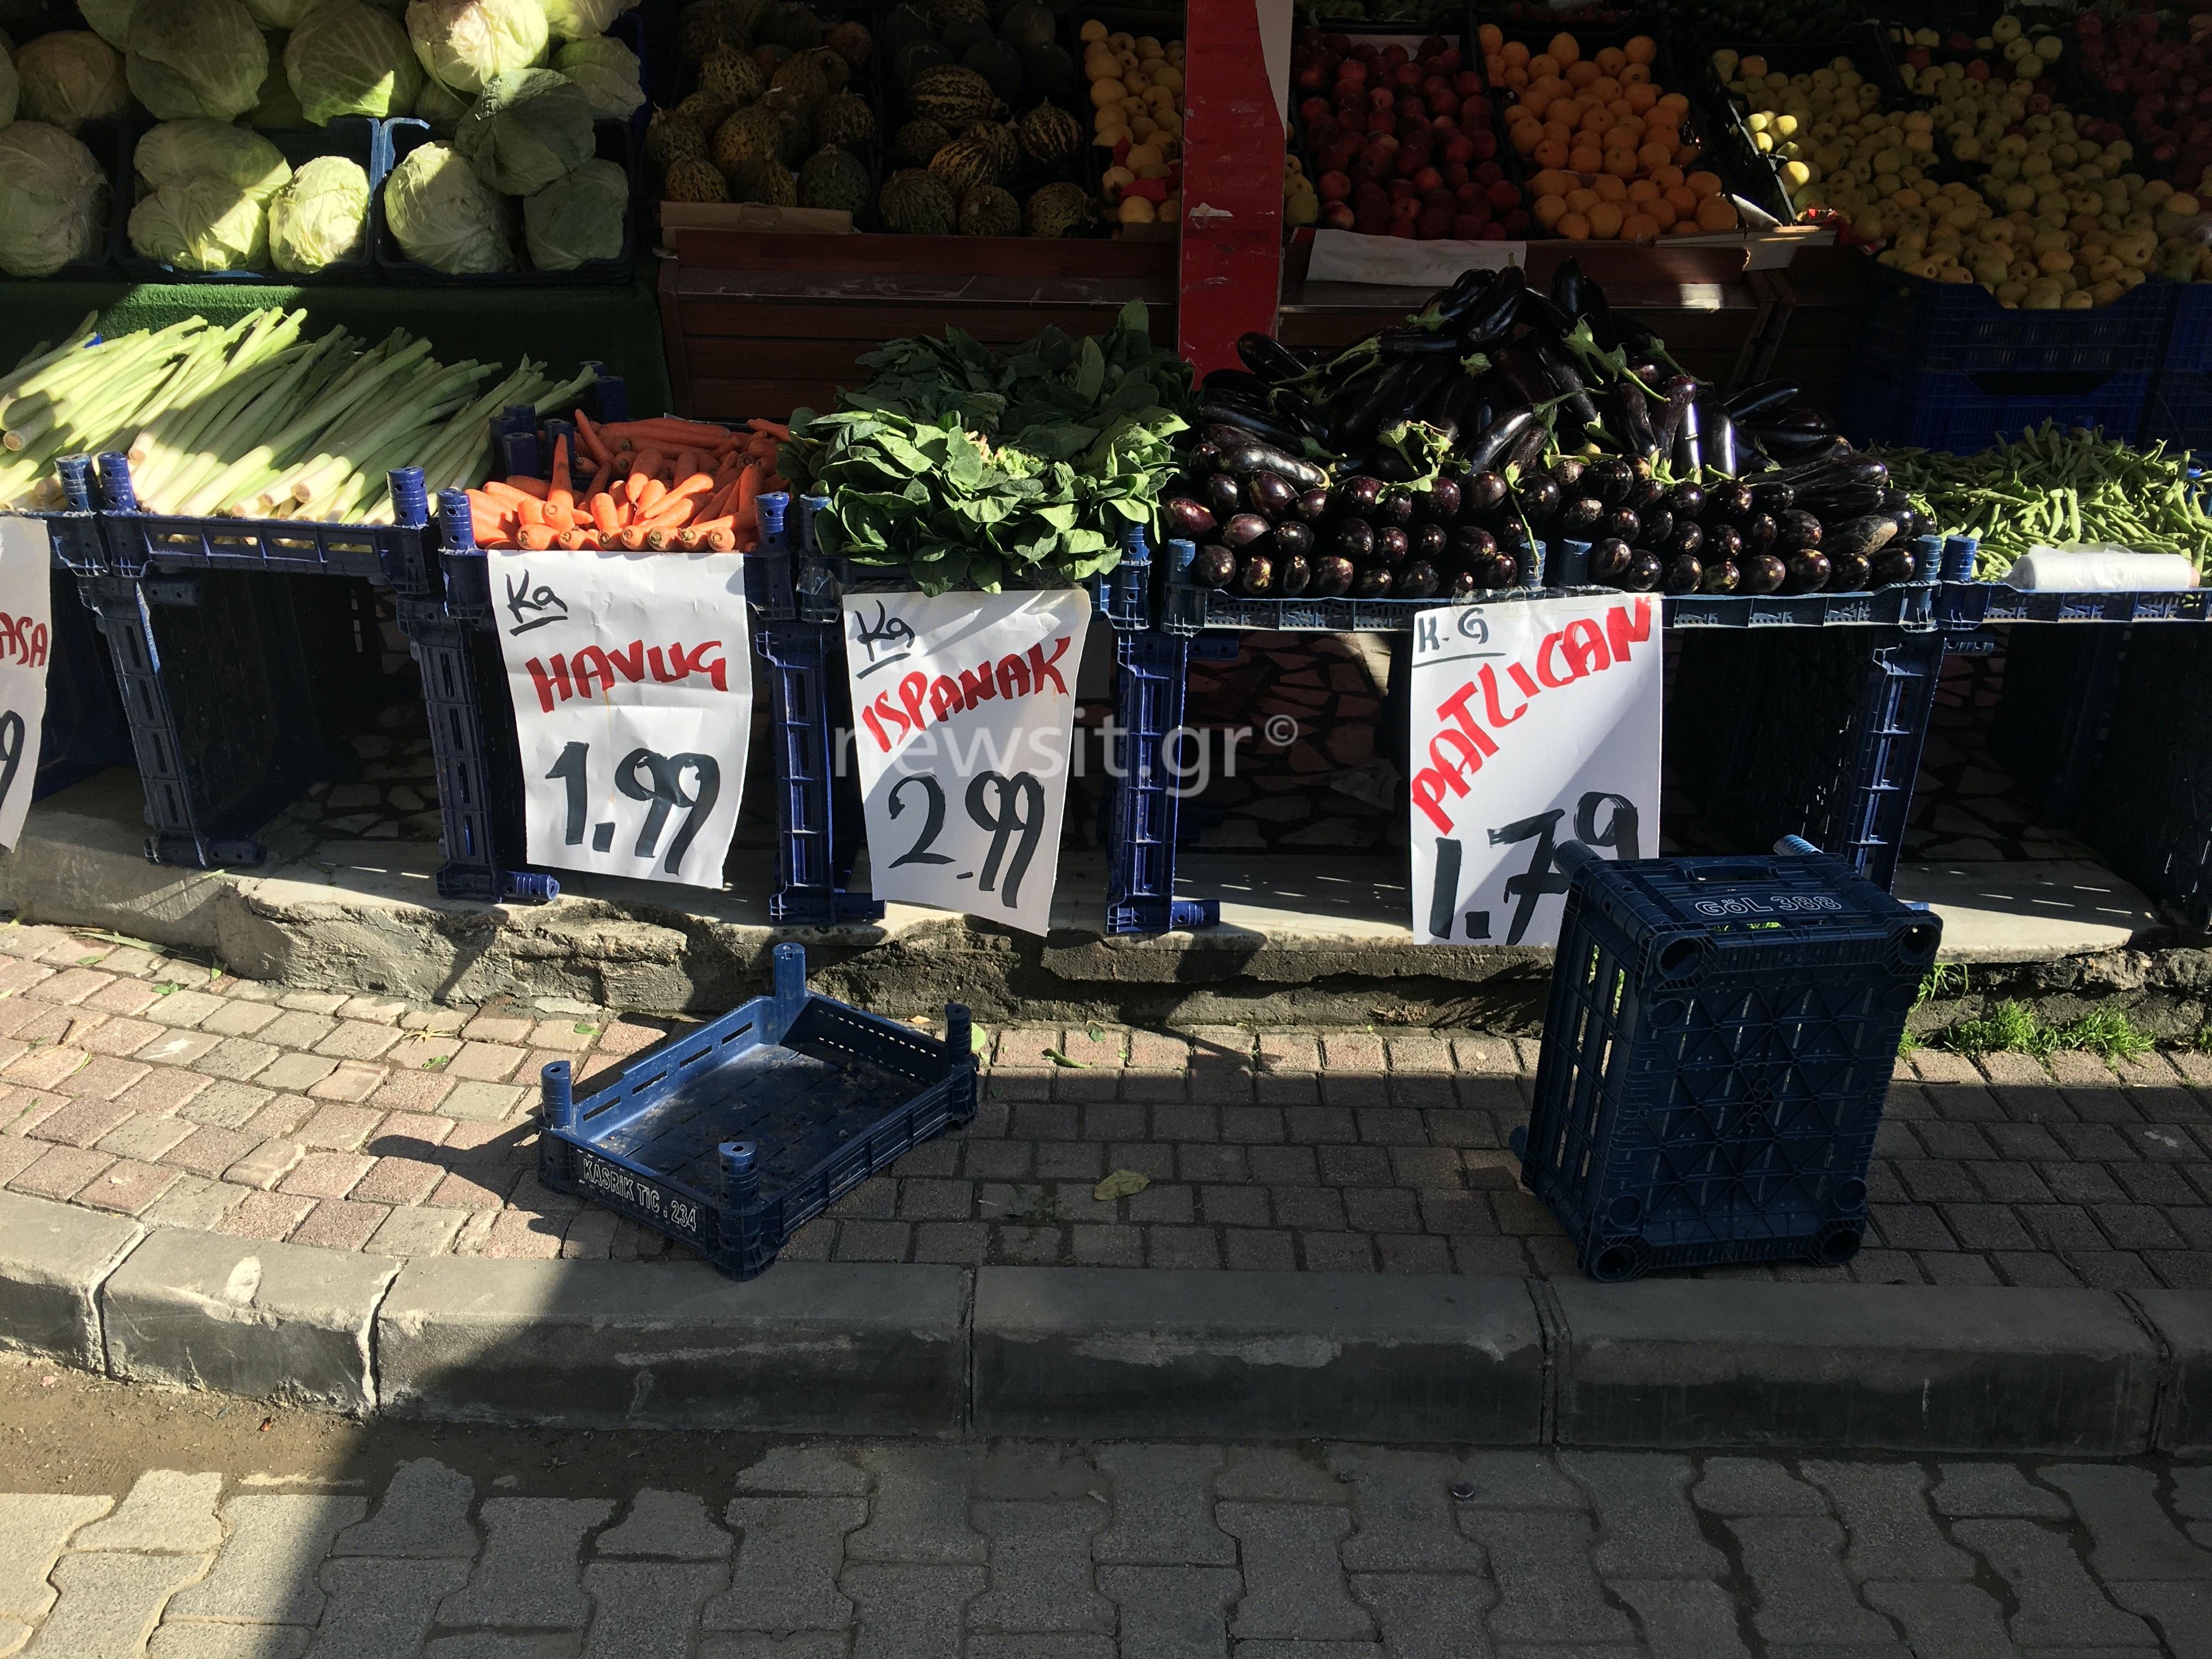 Το σπανάκι έσπειρε τον πανικό στην Κωνσταντινούπολη! Σάλος με δεκάδες δηλητηριάσεις [Video]